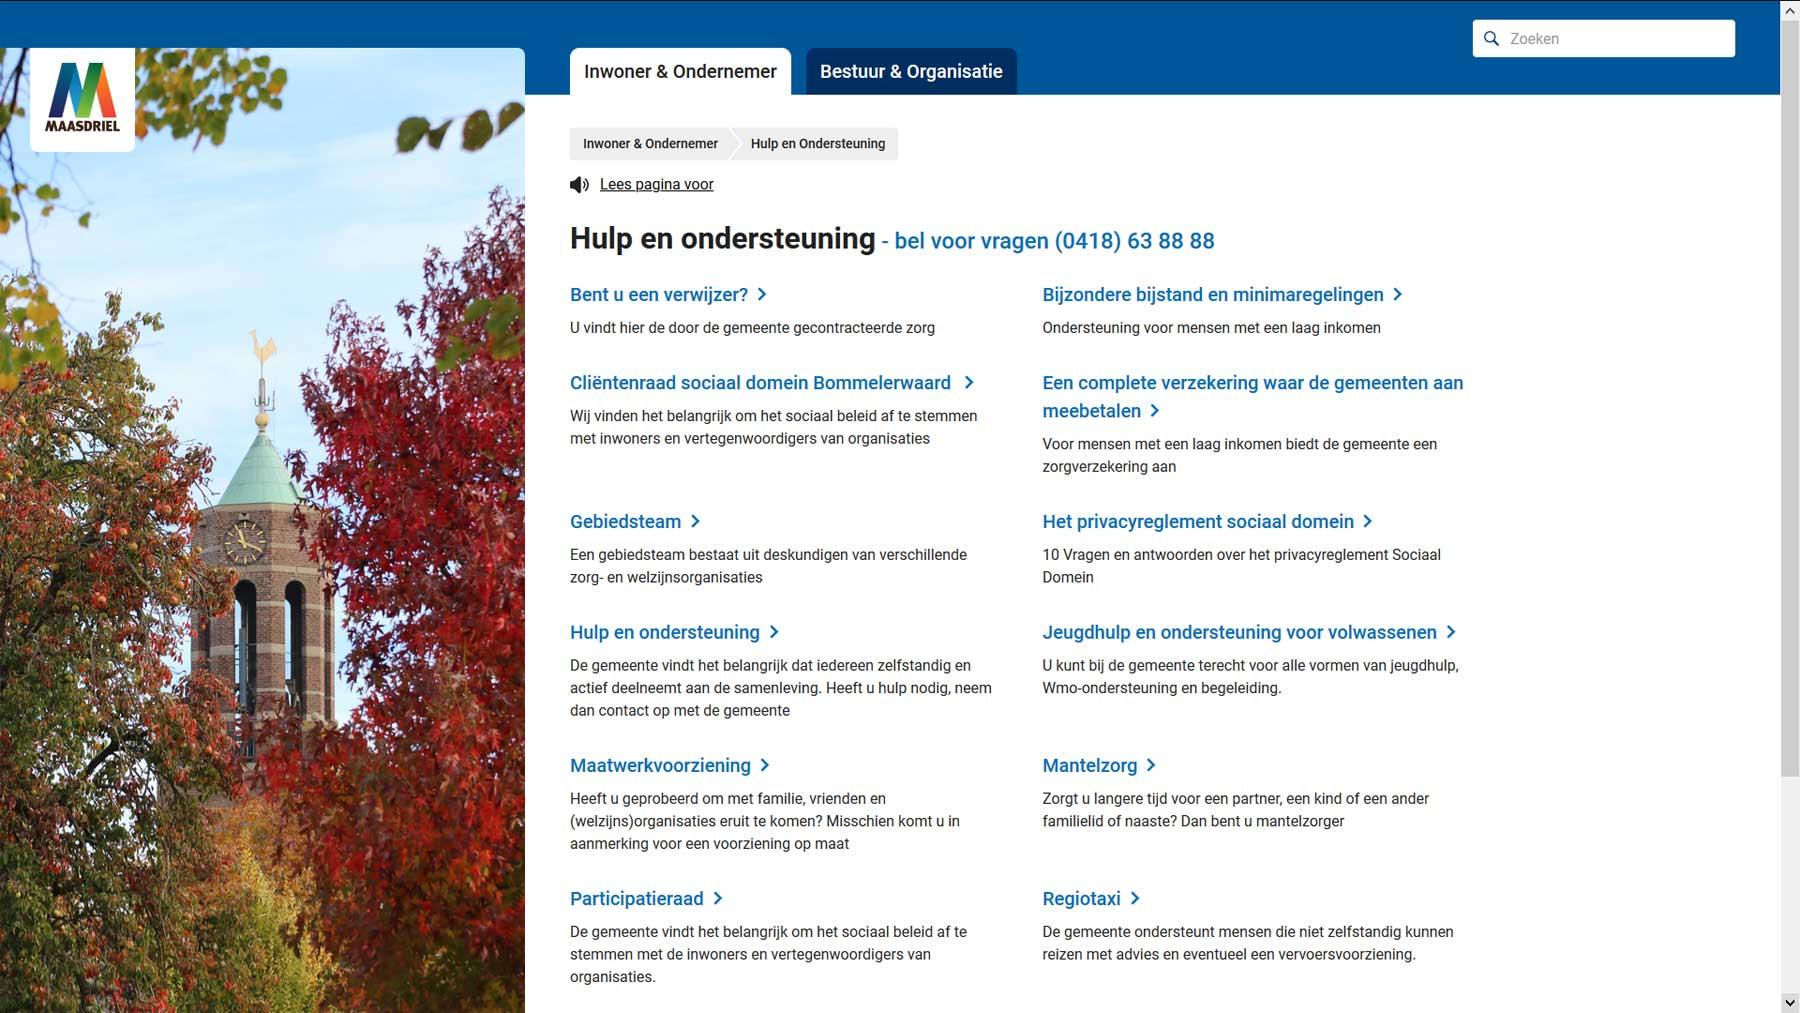 Overzichtspagina website Maasdriel | Toptaken website